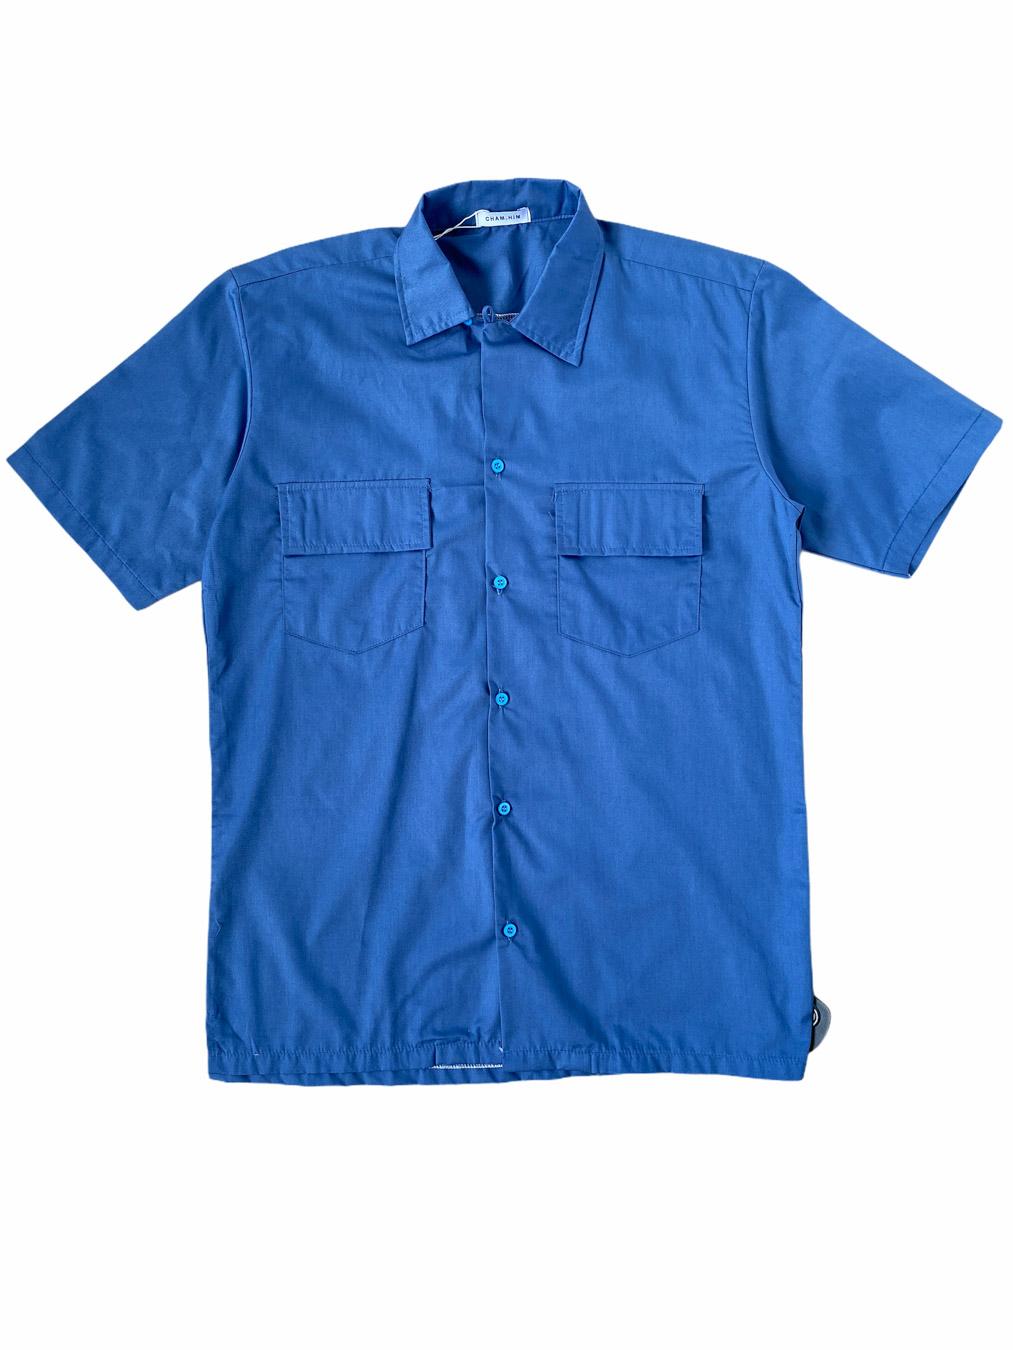 Benly Shirt  (Blue)